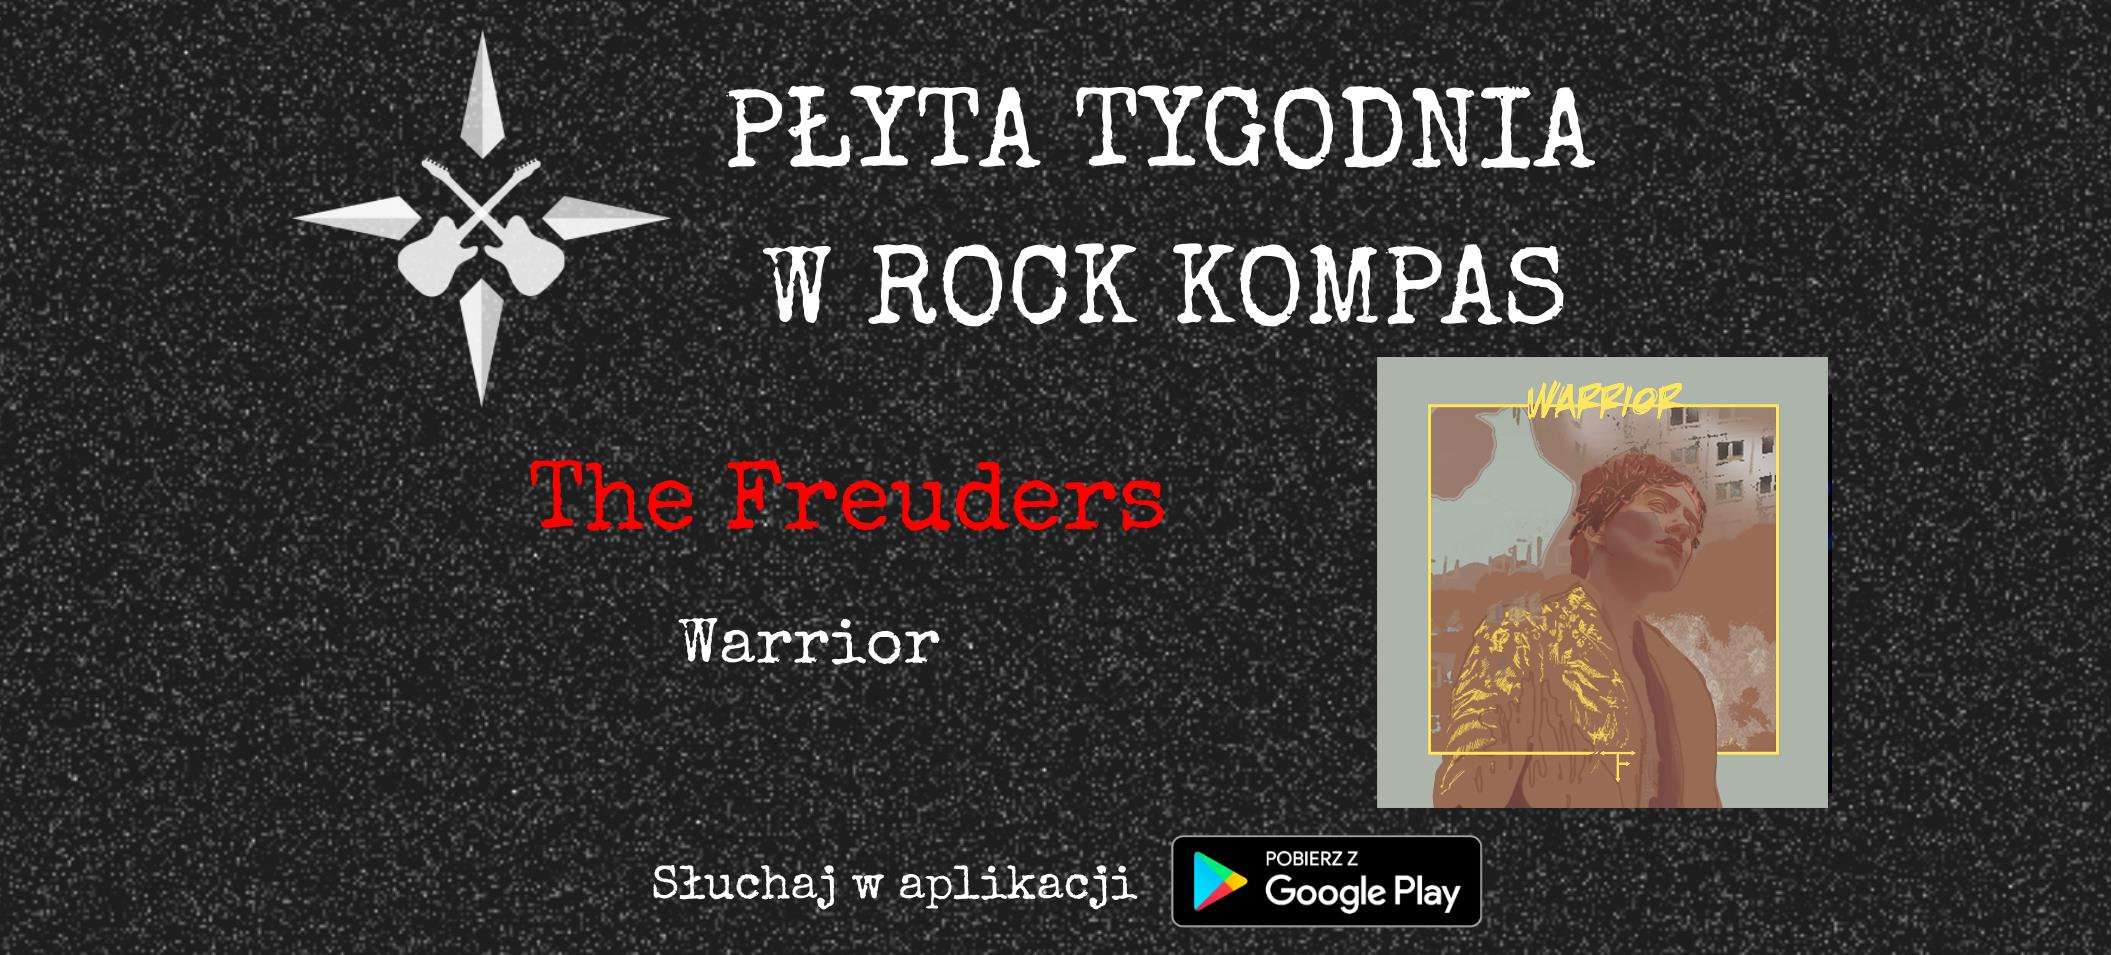 Płyta tygodnia w Rock Kompas: The Freuders - Warrior